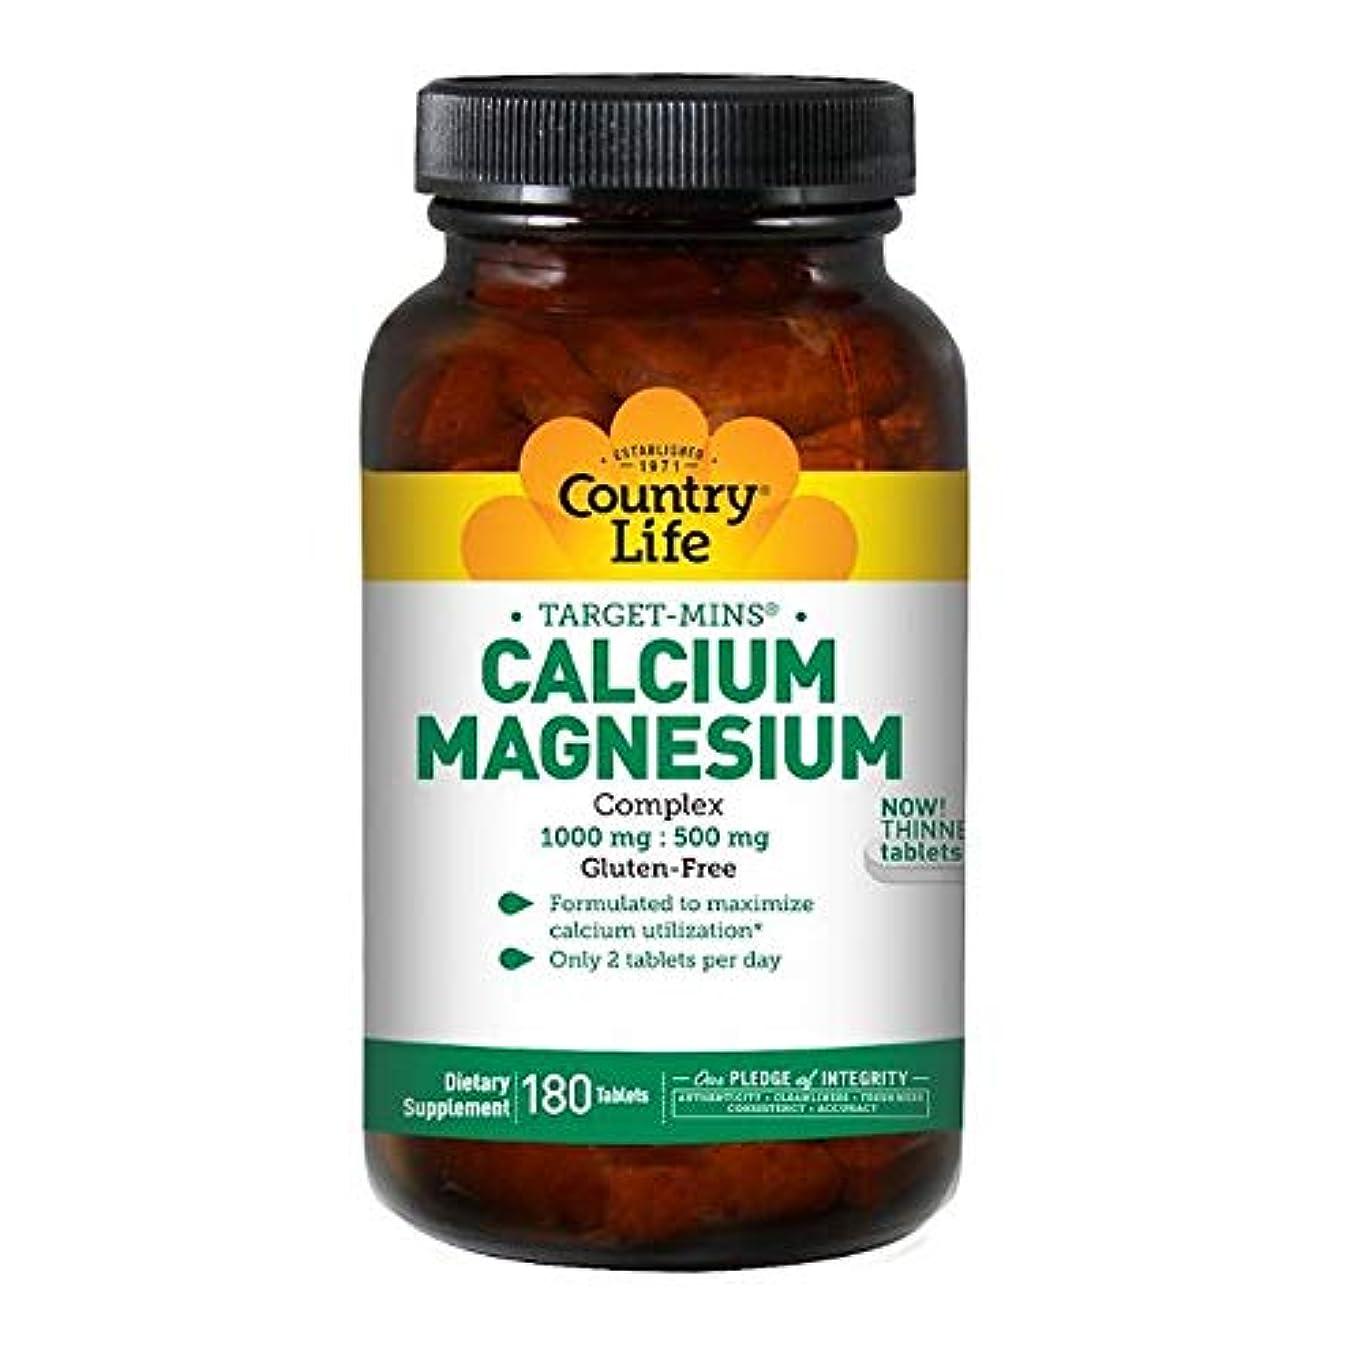 取るテロリストブッシュCountry Life ターゲット ミネラル カルシウム マグネシウム 複合体 180錠 【アメリカ直送】